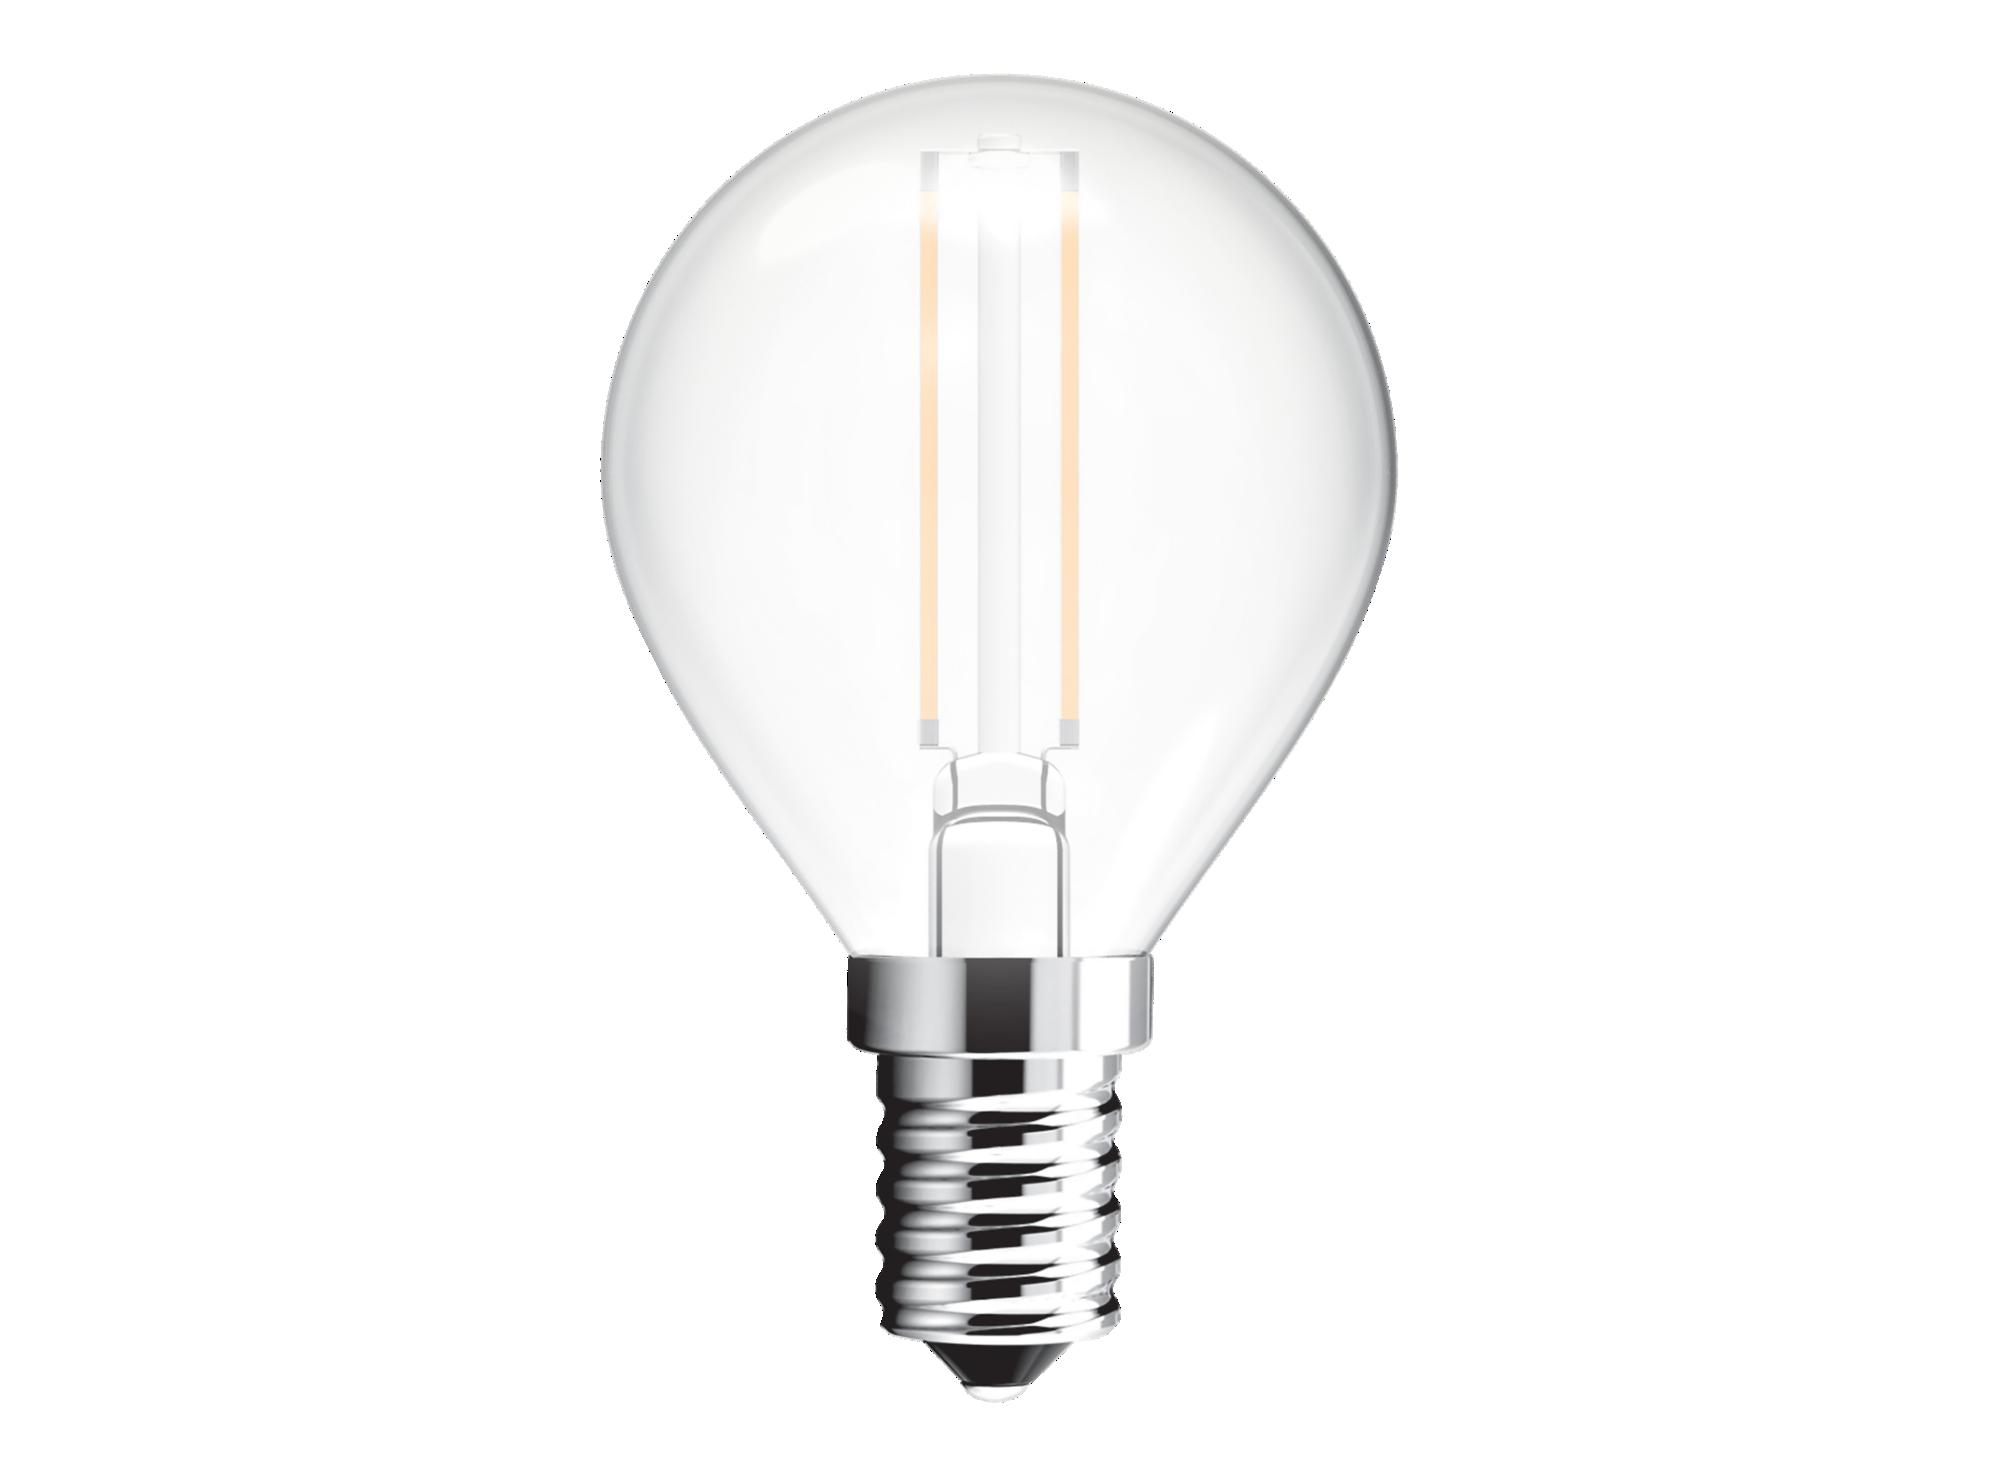 Type de source lumineuse : led - type de culot : e14 - puissance : 4w ...